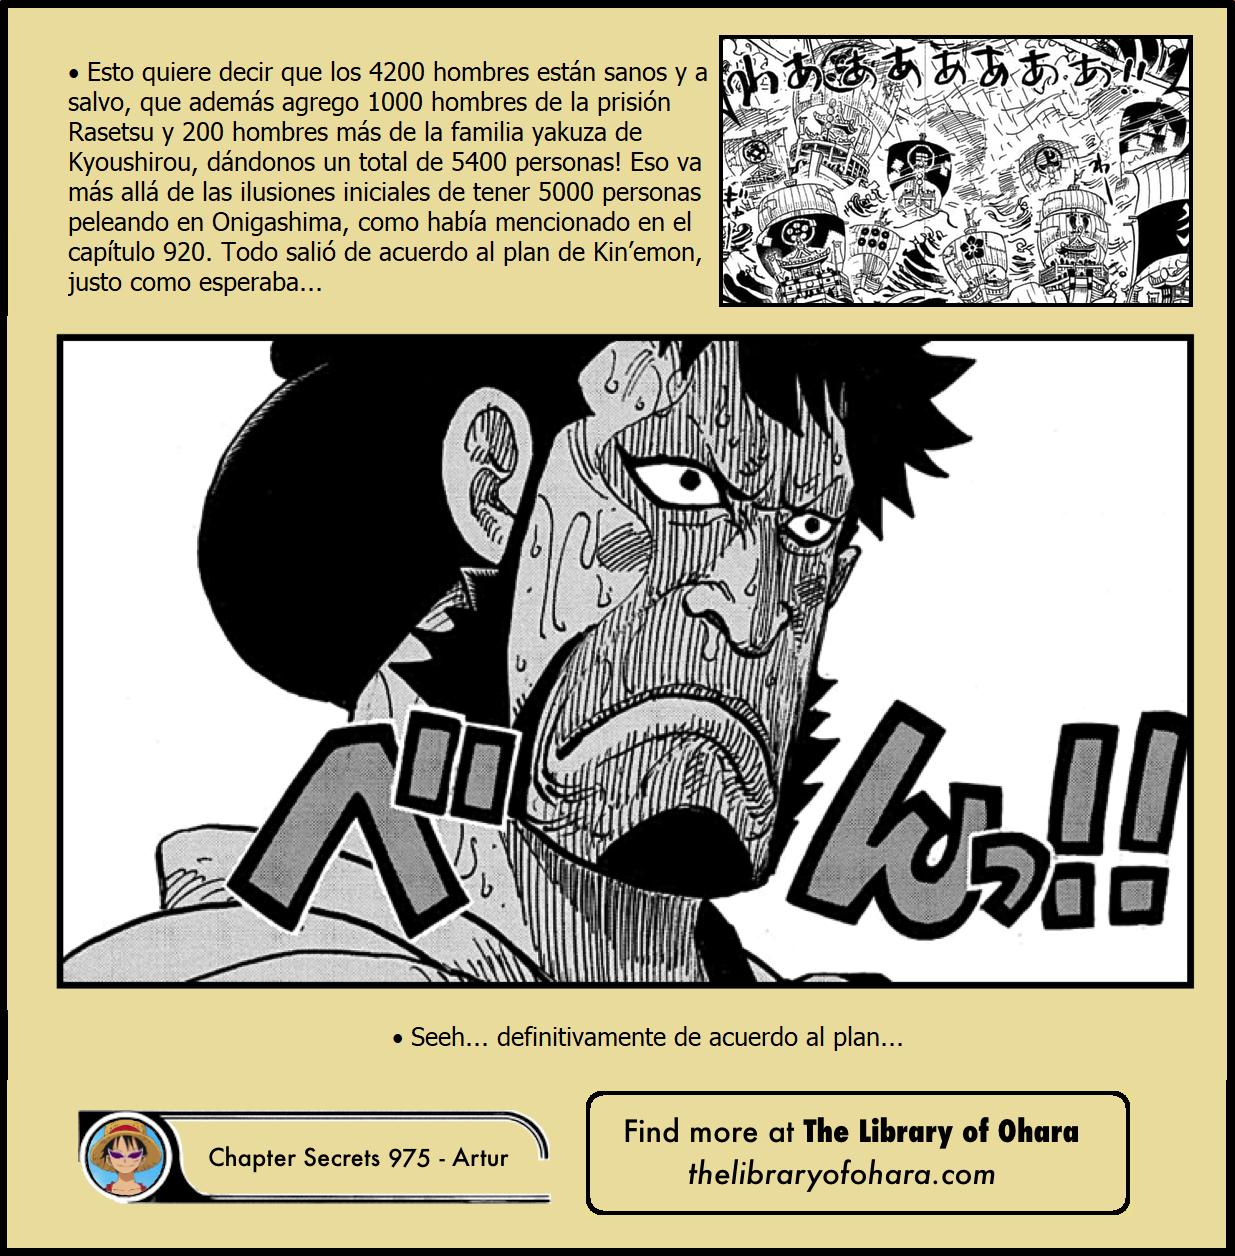 Secretos & Curiosidades - One Piece Manga 975 07